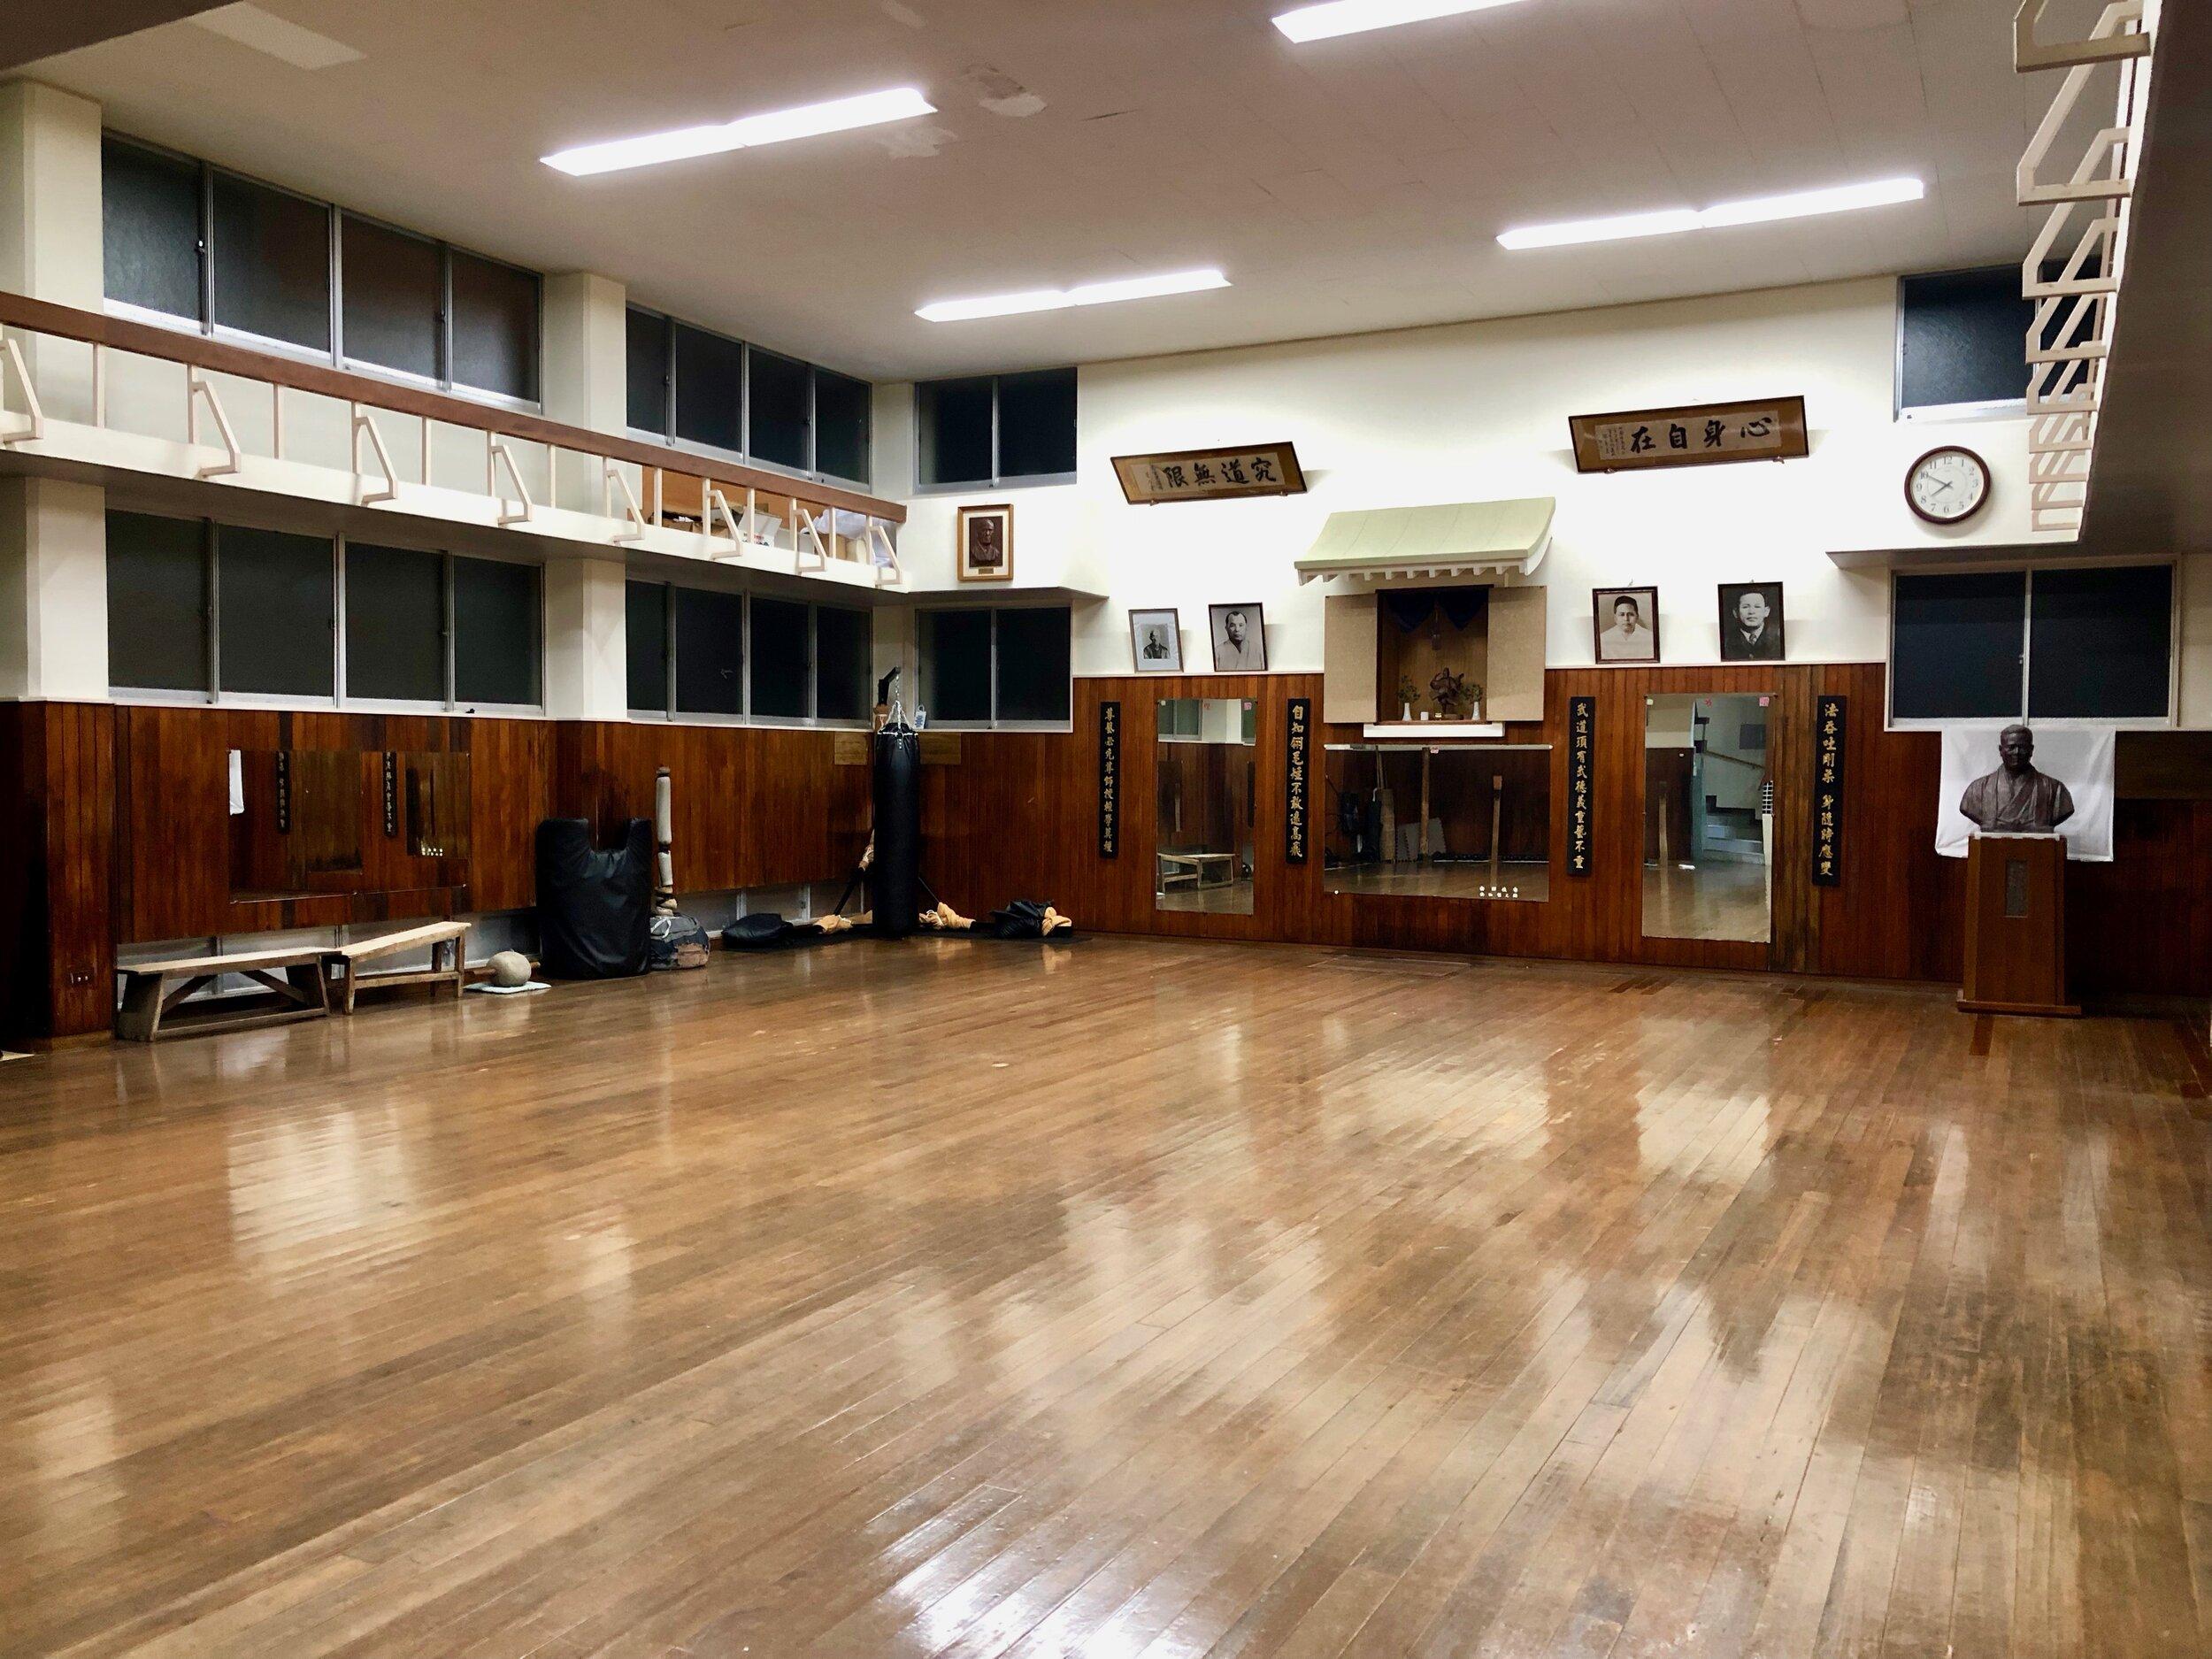 Inside the Jundokan Dojo